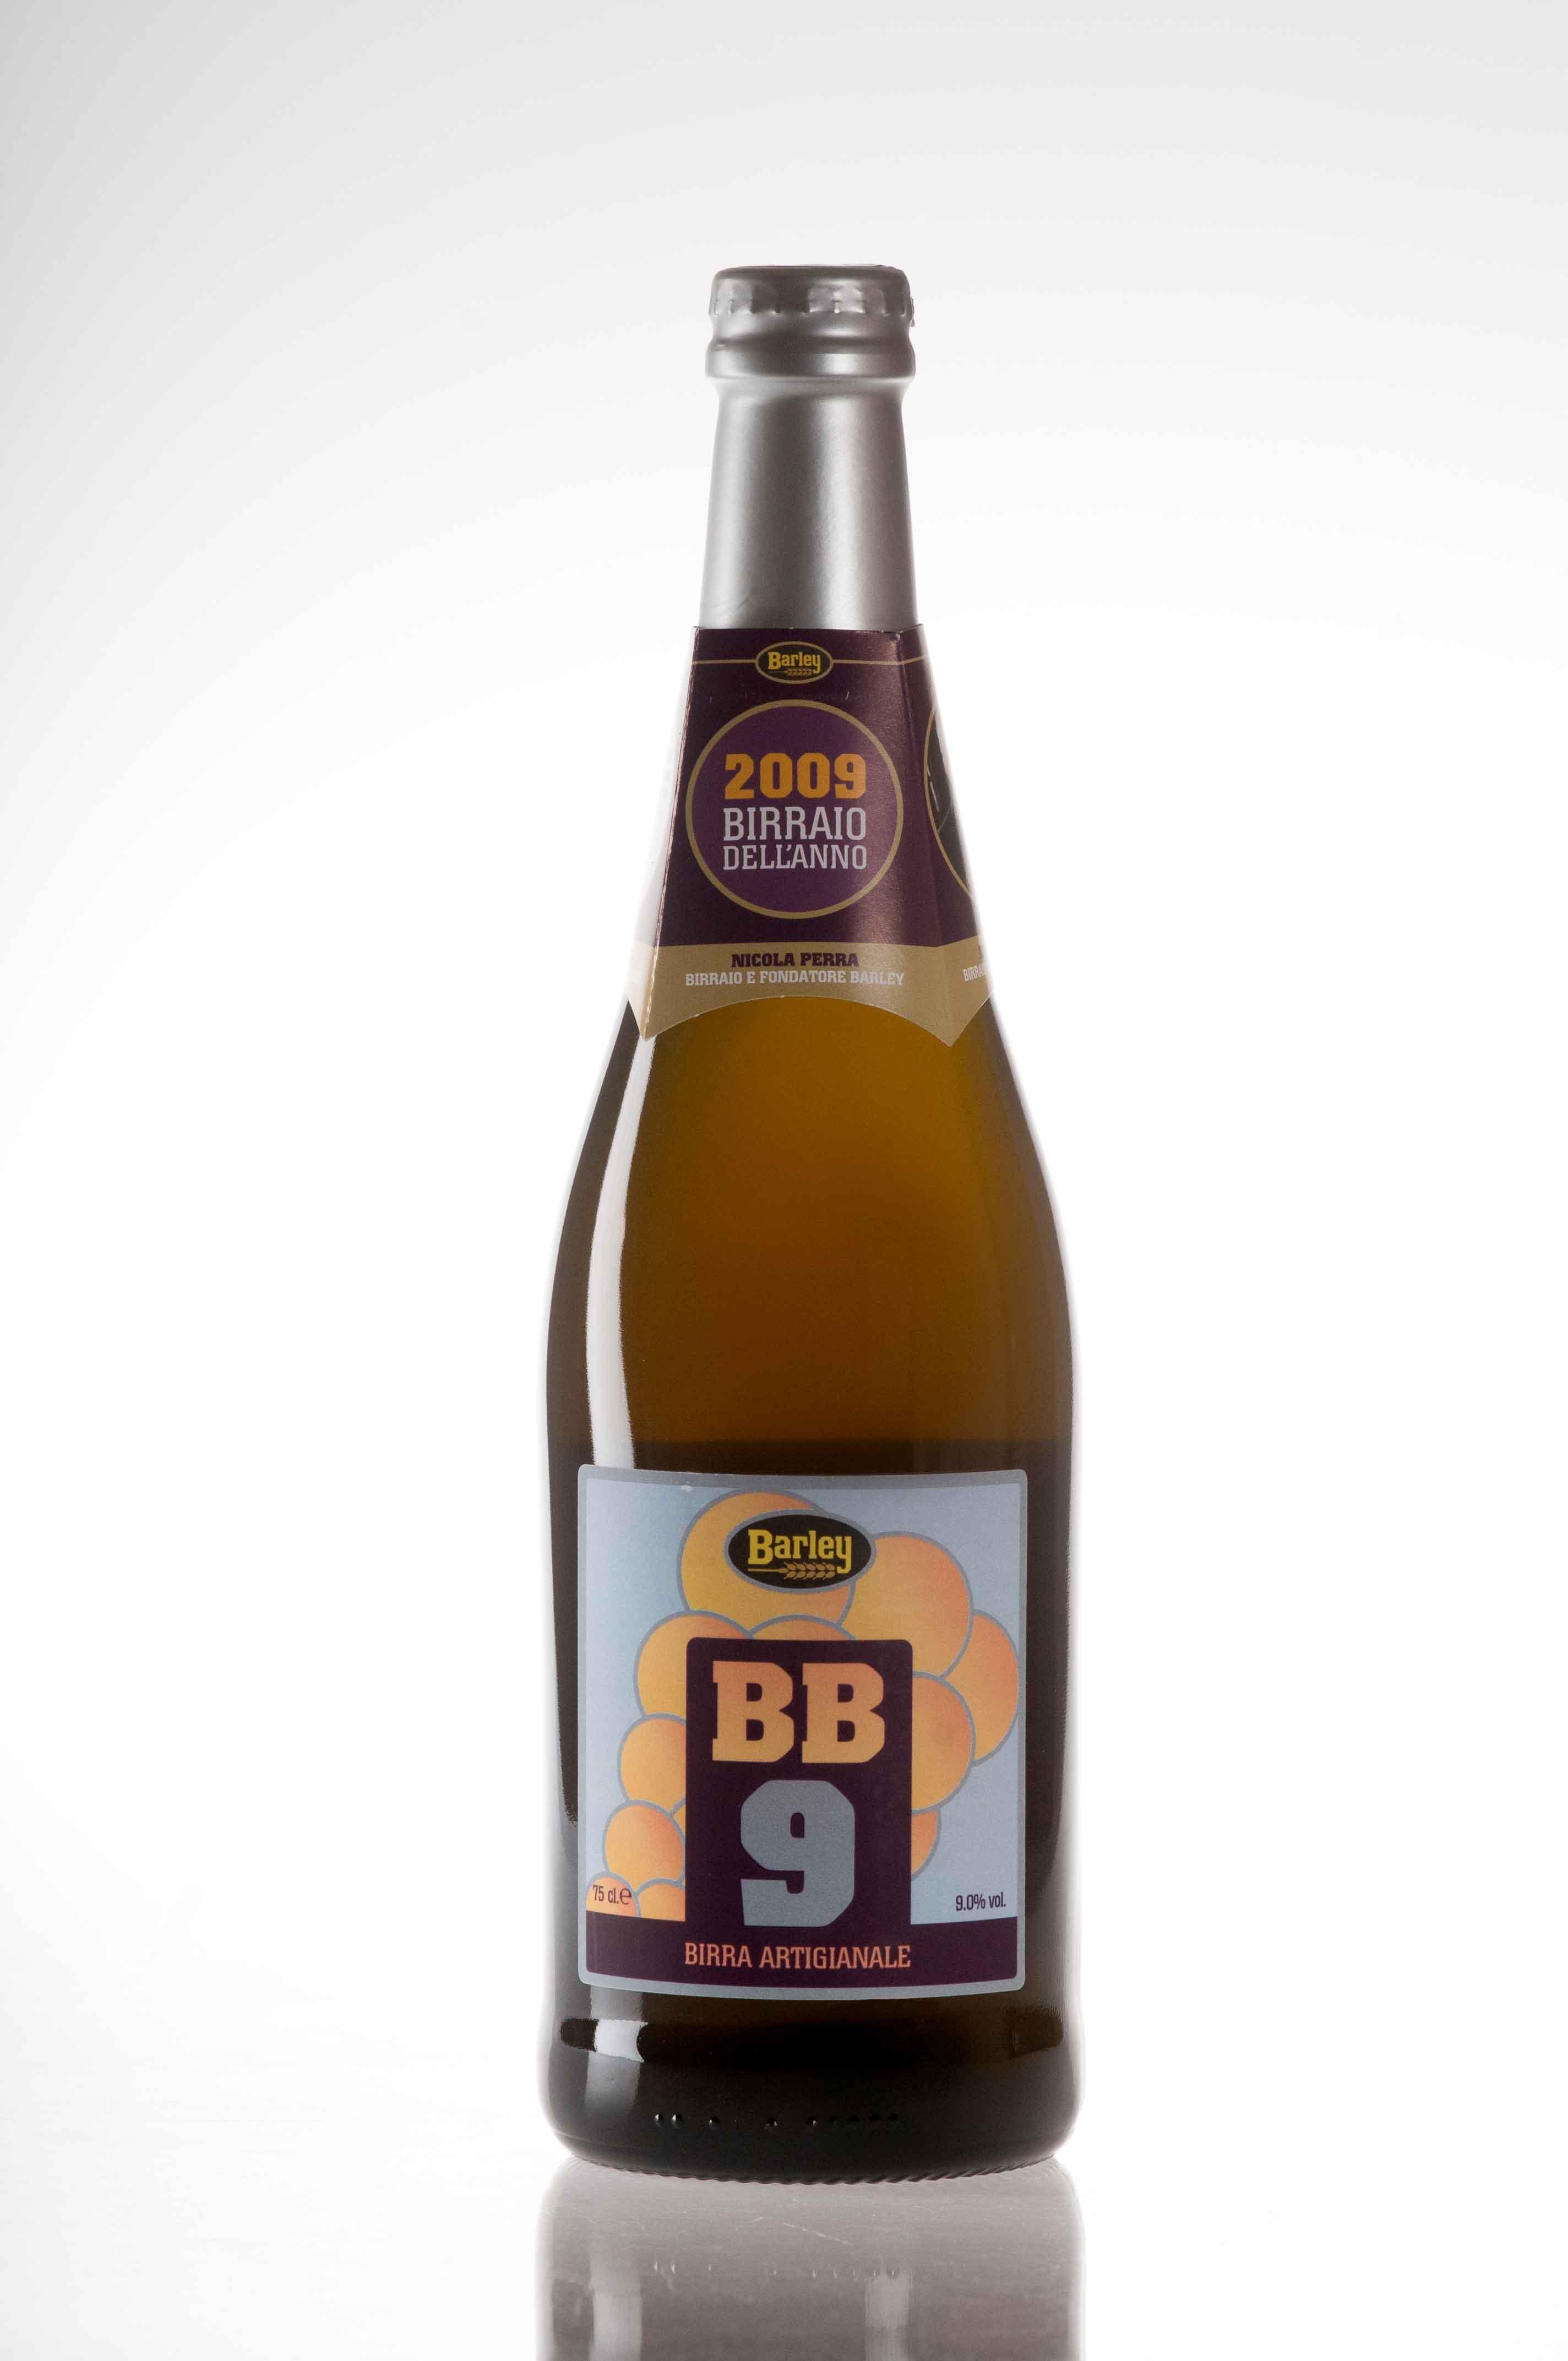 BB9 Barley | Chi ben comincia è a metà dell'opera